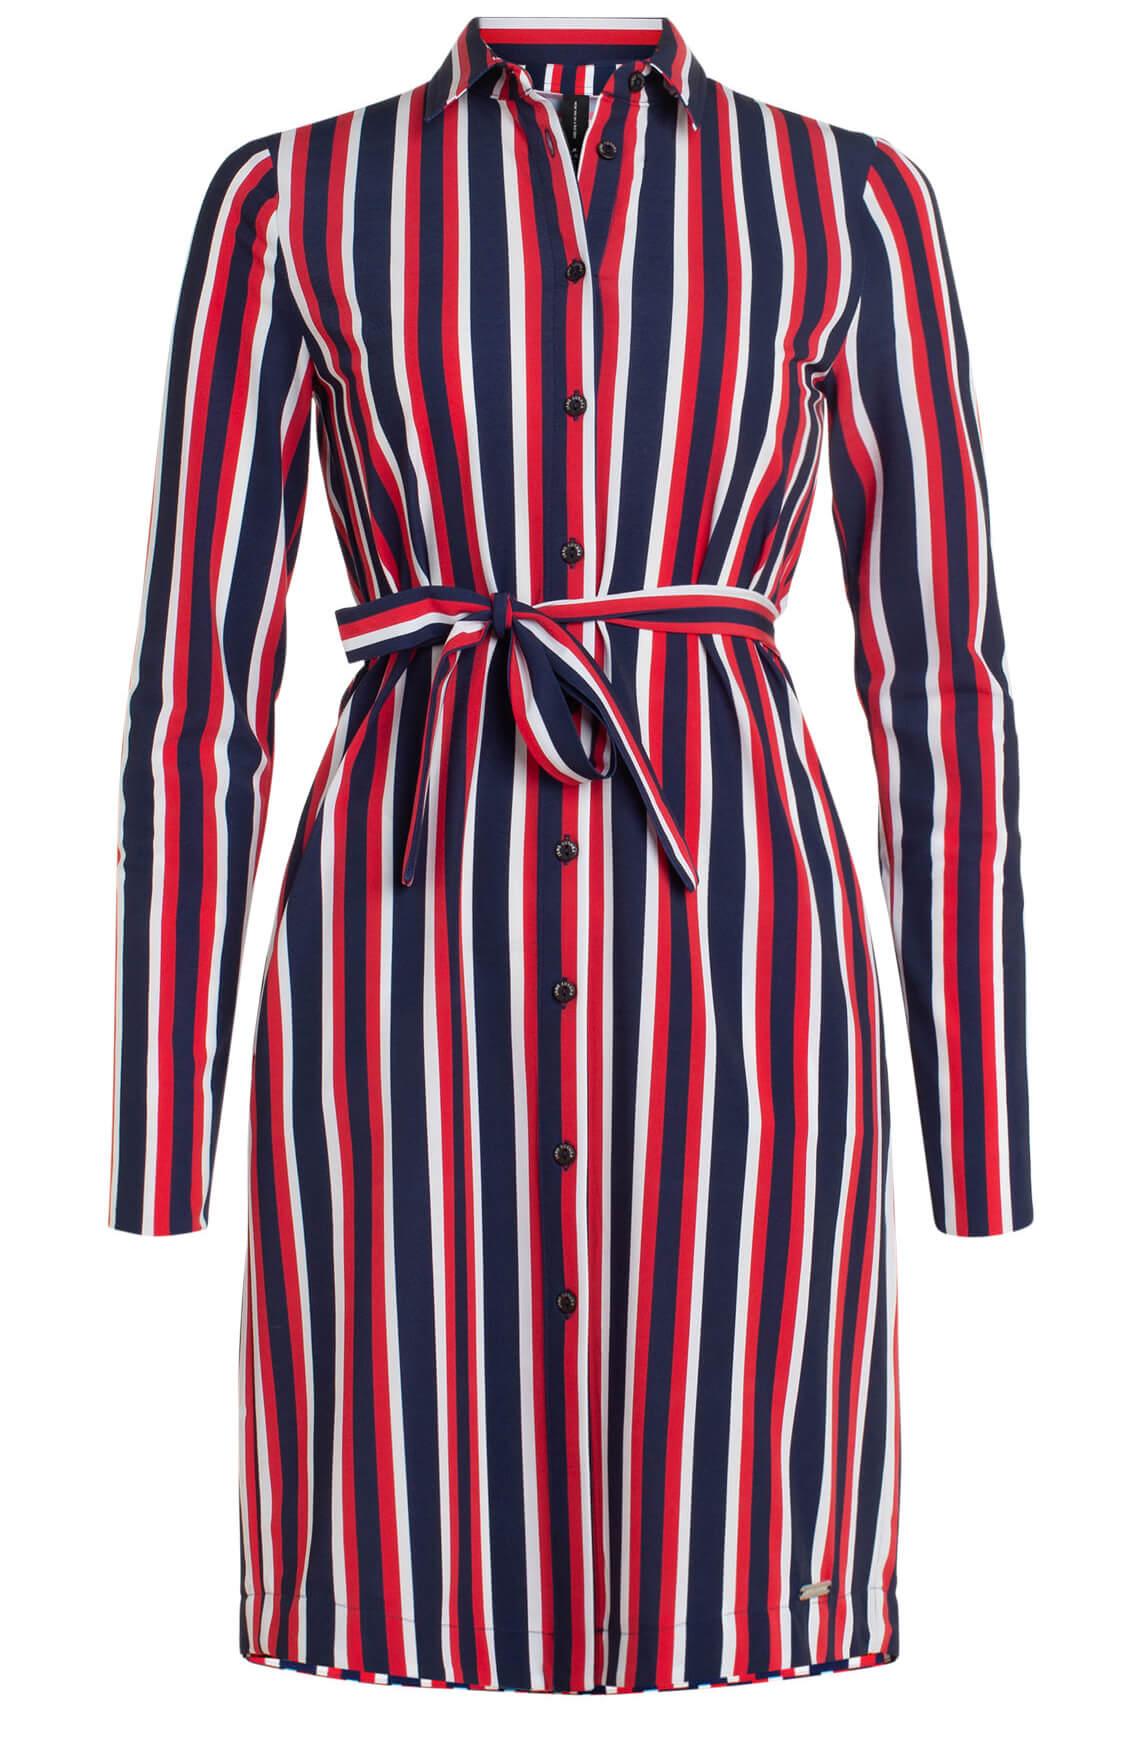 Jane Lushka Dames Gestreepte jurk Rood